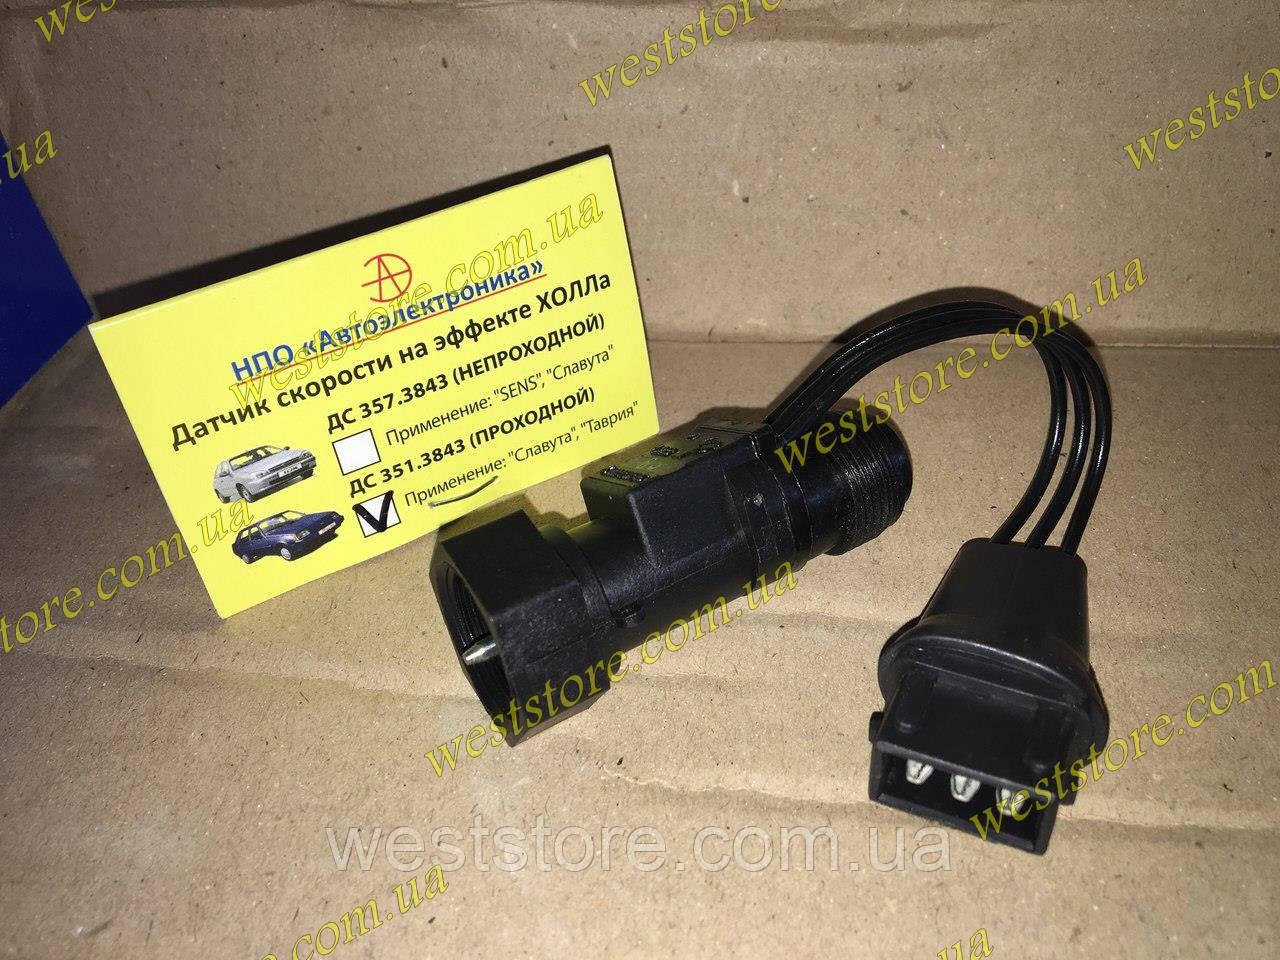 Датчик скорости заз 1102 1103 таврия славута СЕНС инжектор АР61.3843\АР64.3843\ДС 351.3843 проходной